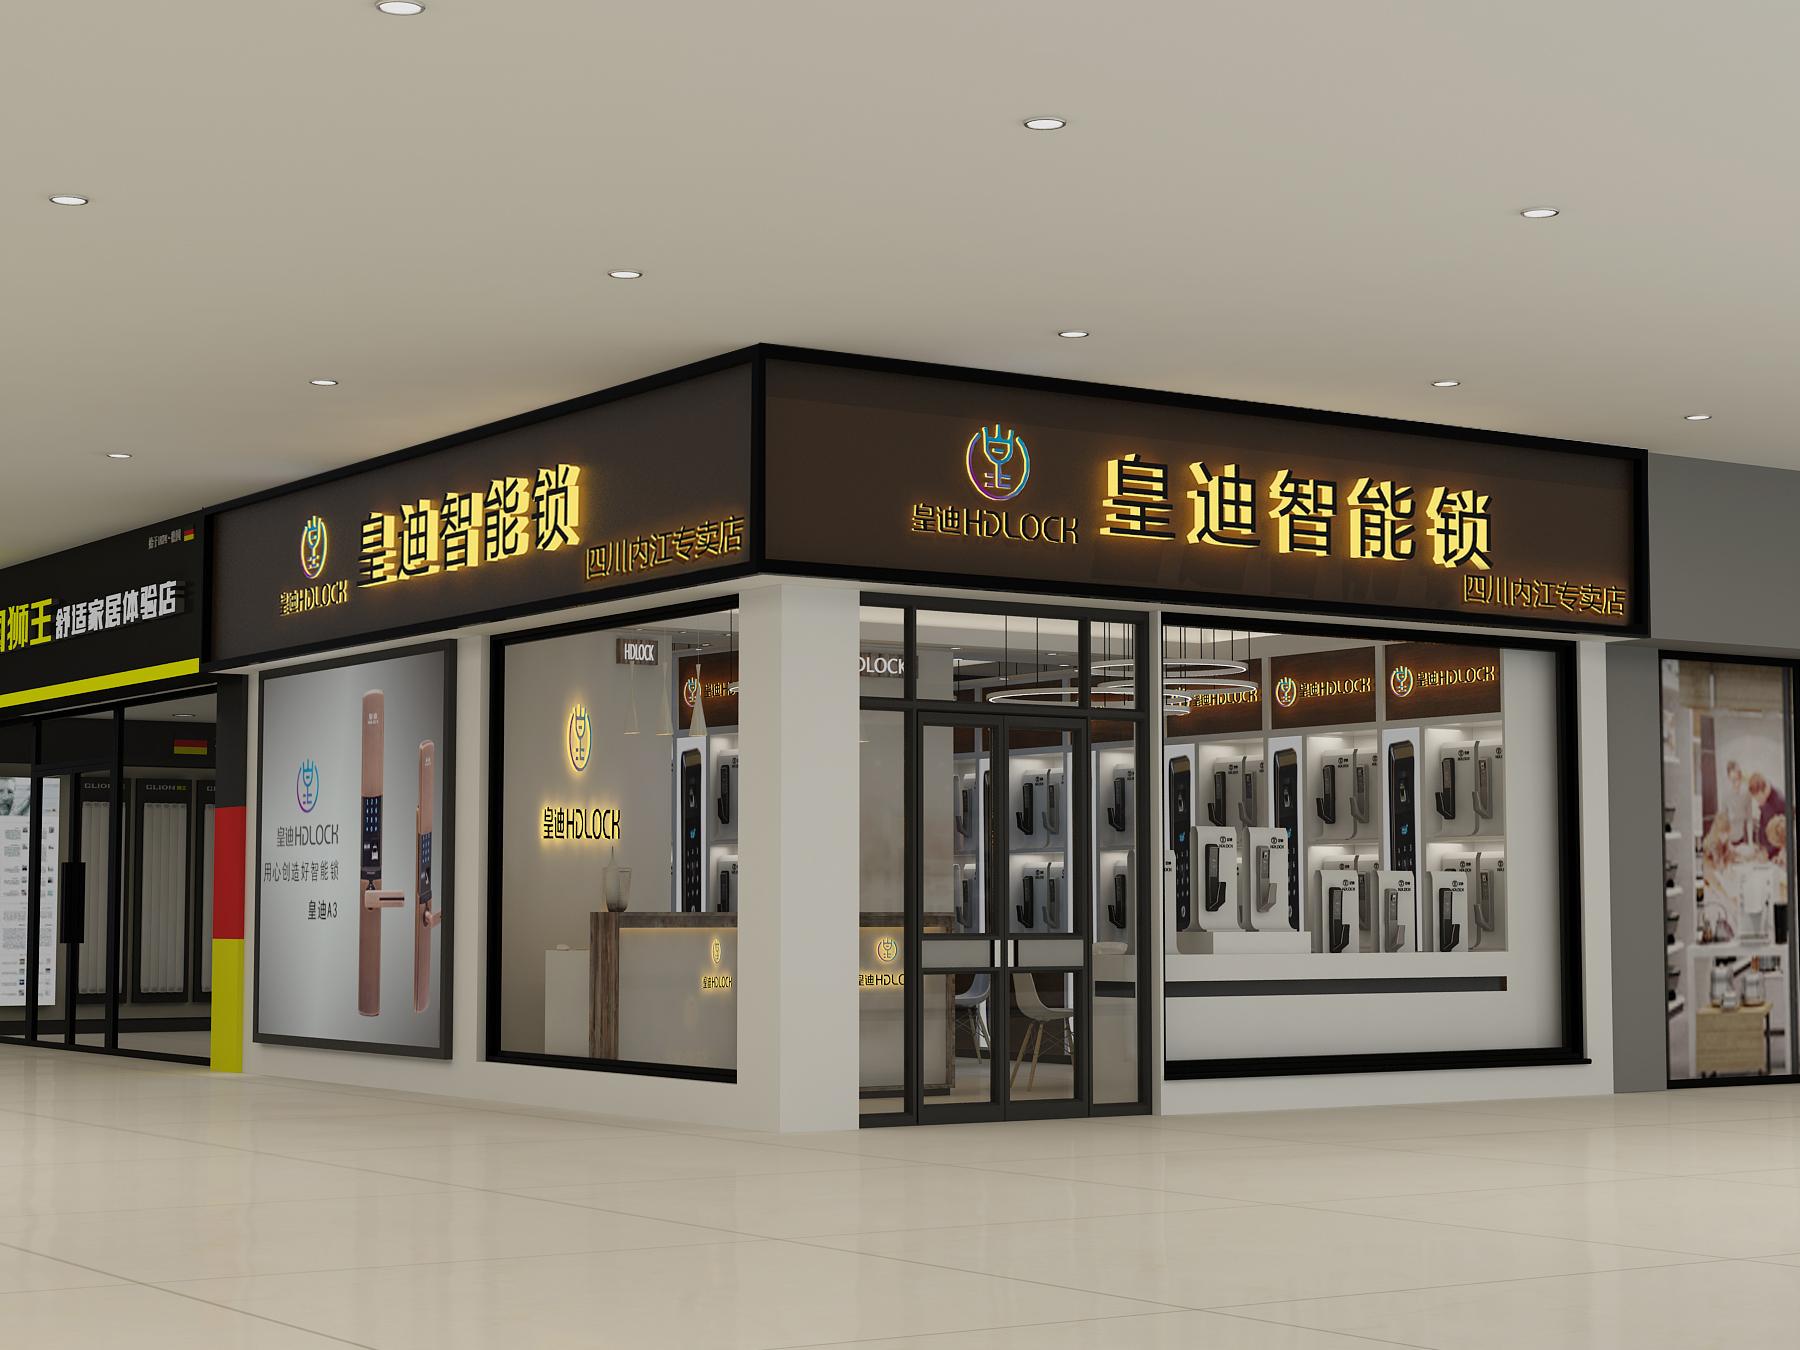 皇迪家用智能锁厂家为经销商设计的旗舰店